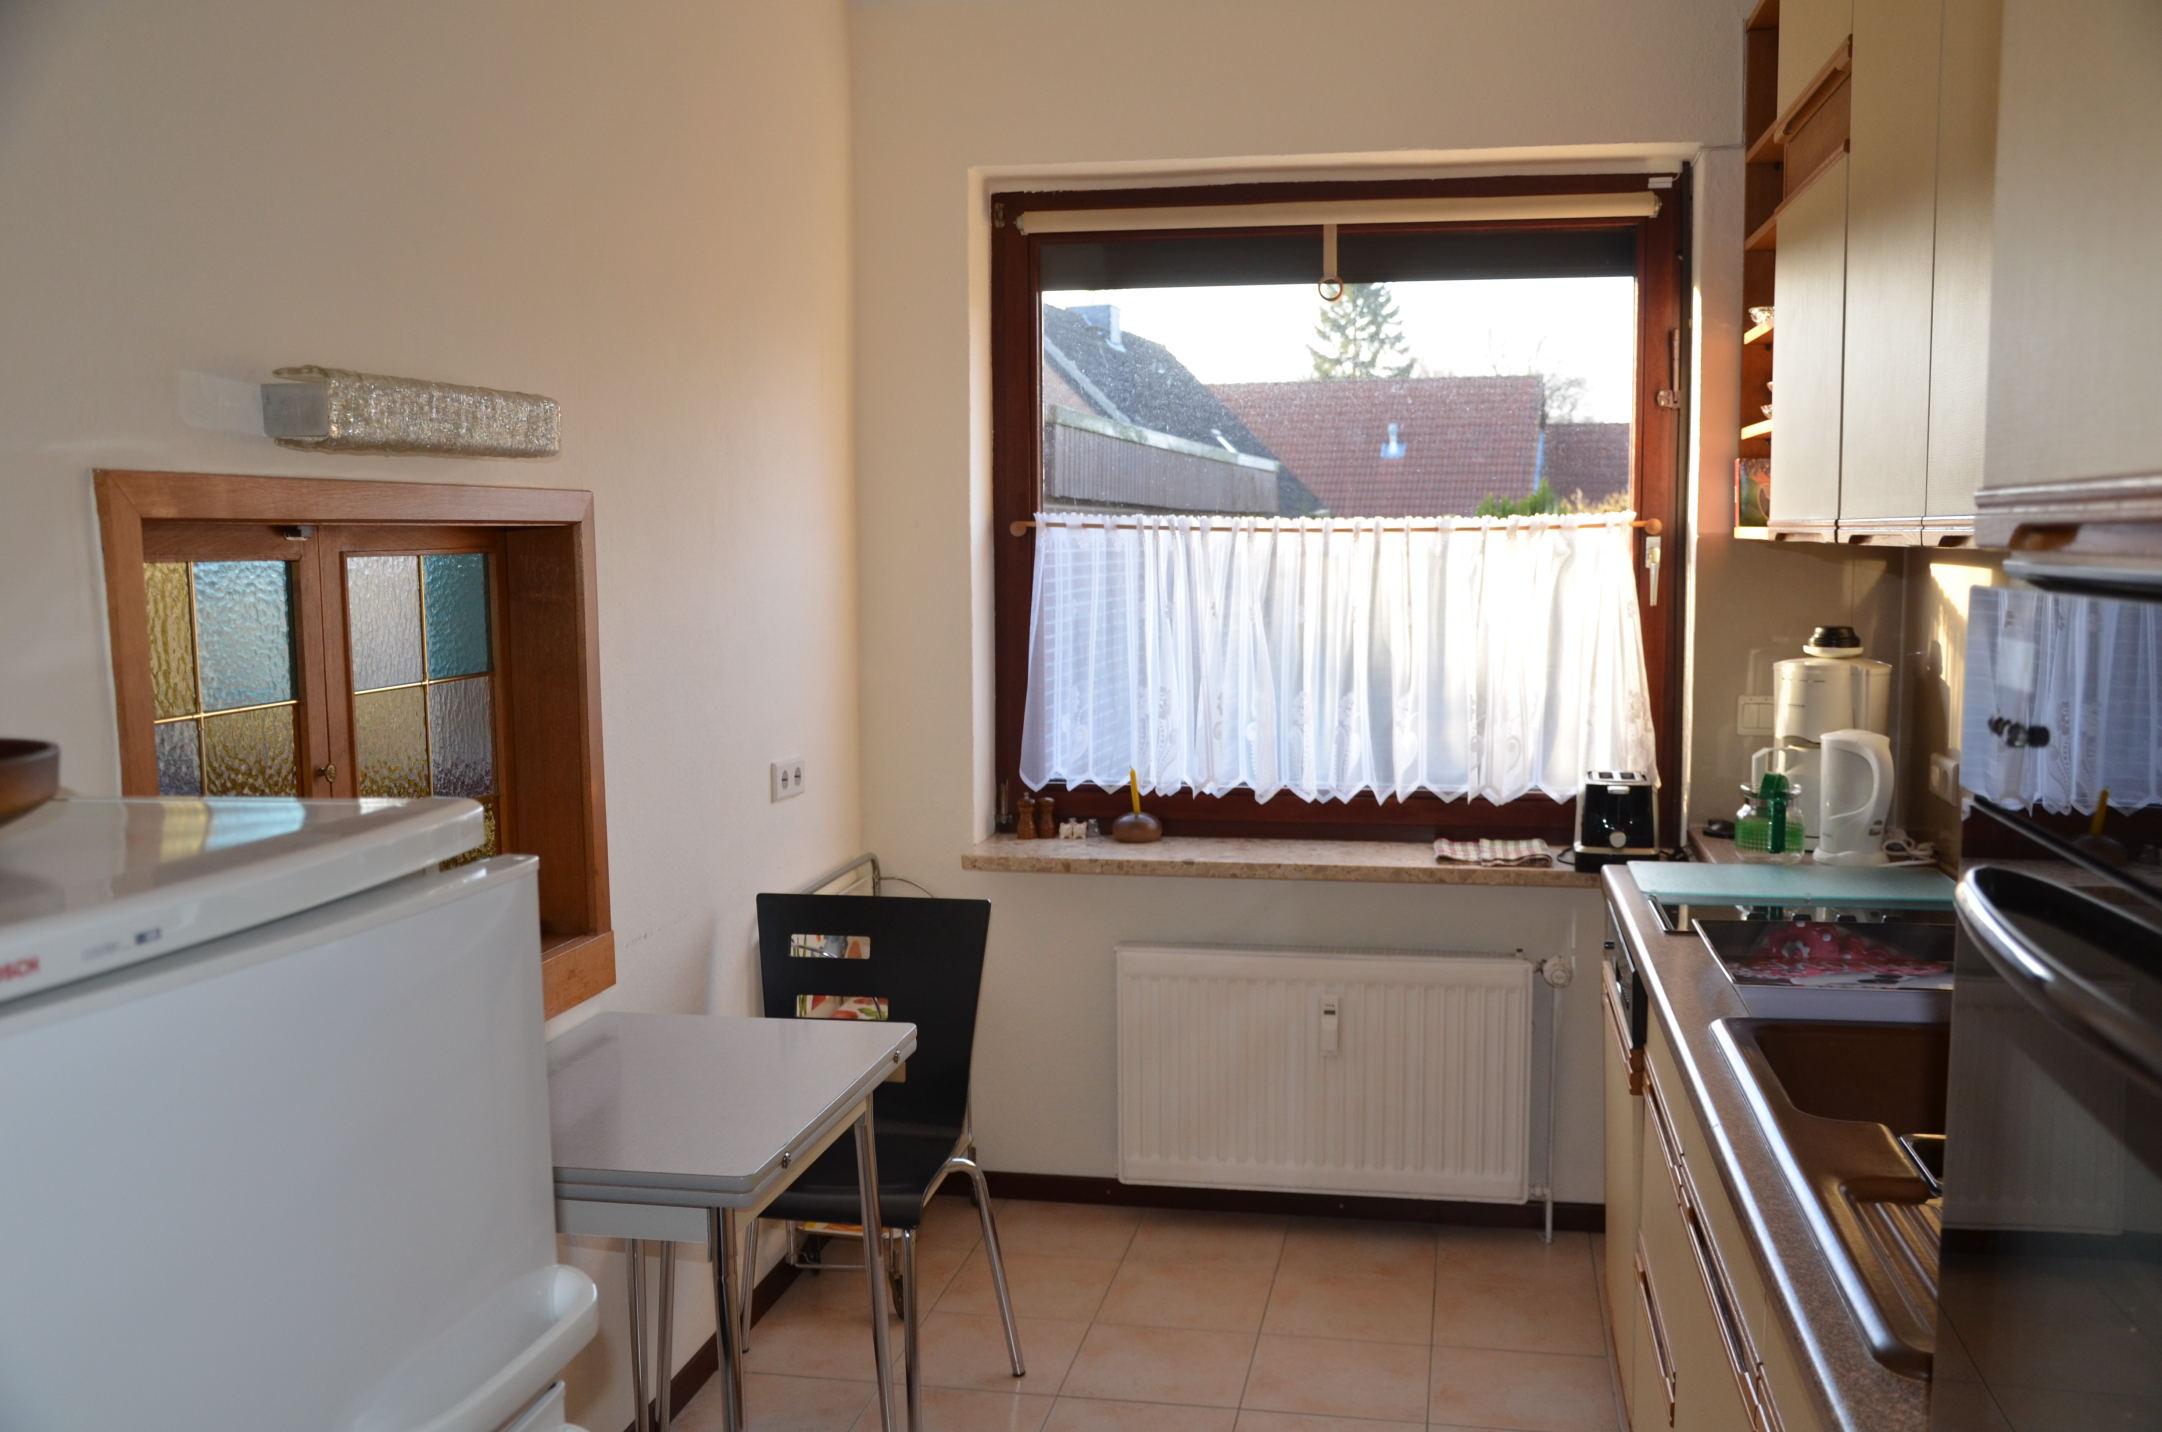 Küche_Wohnung1